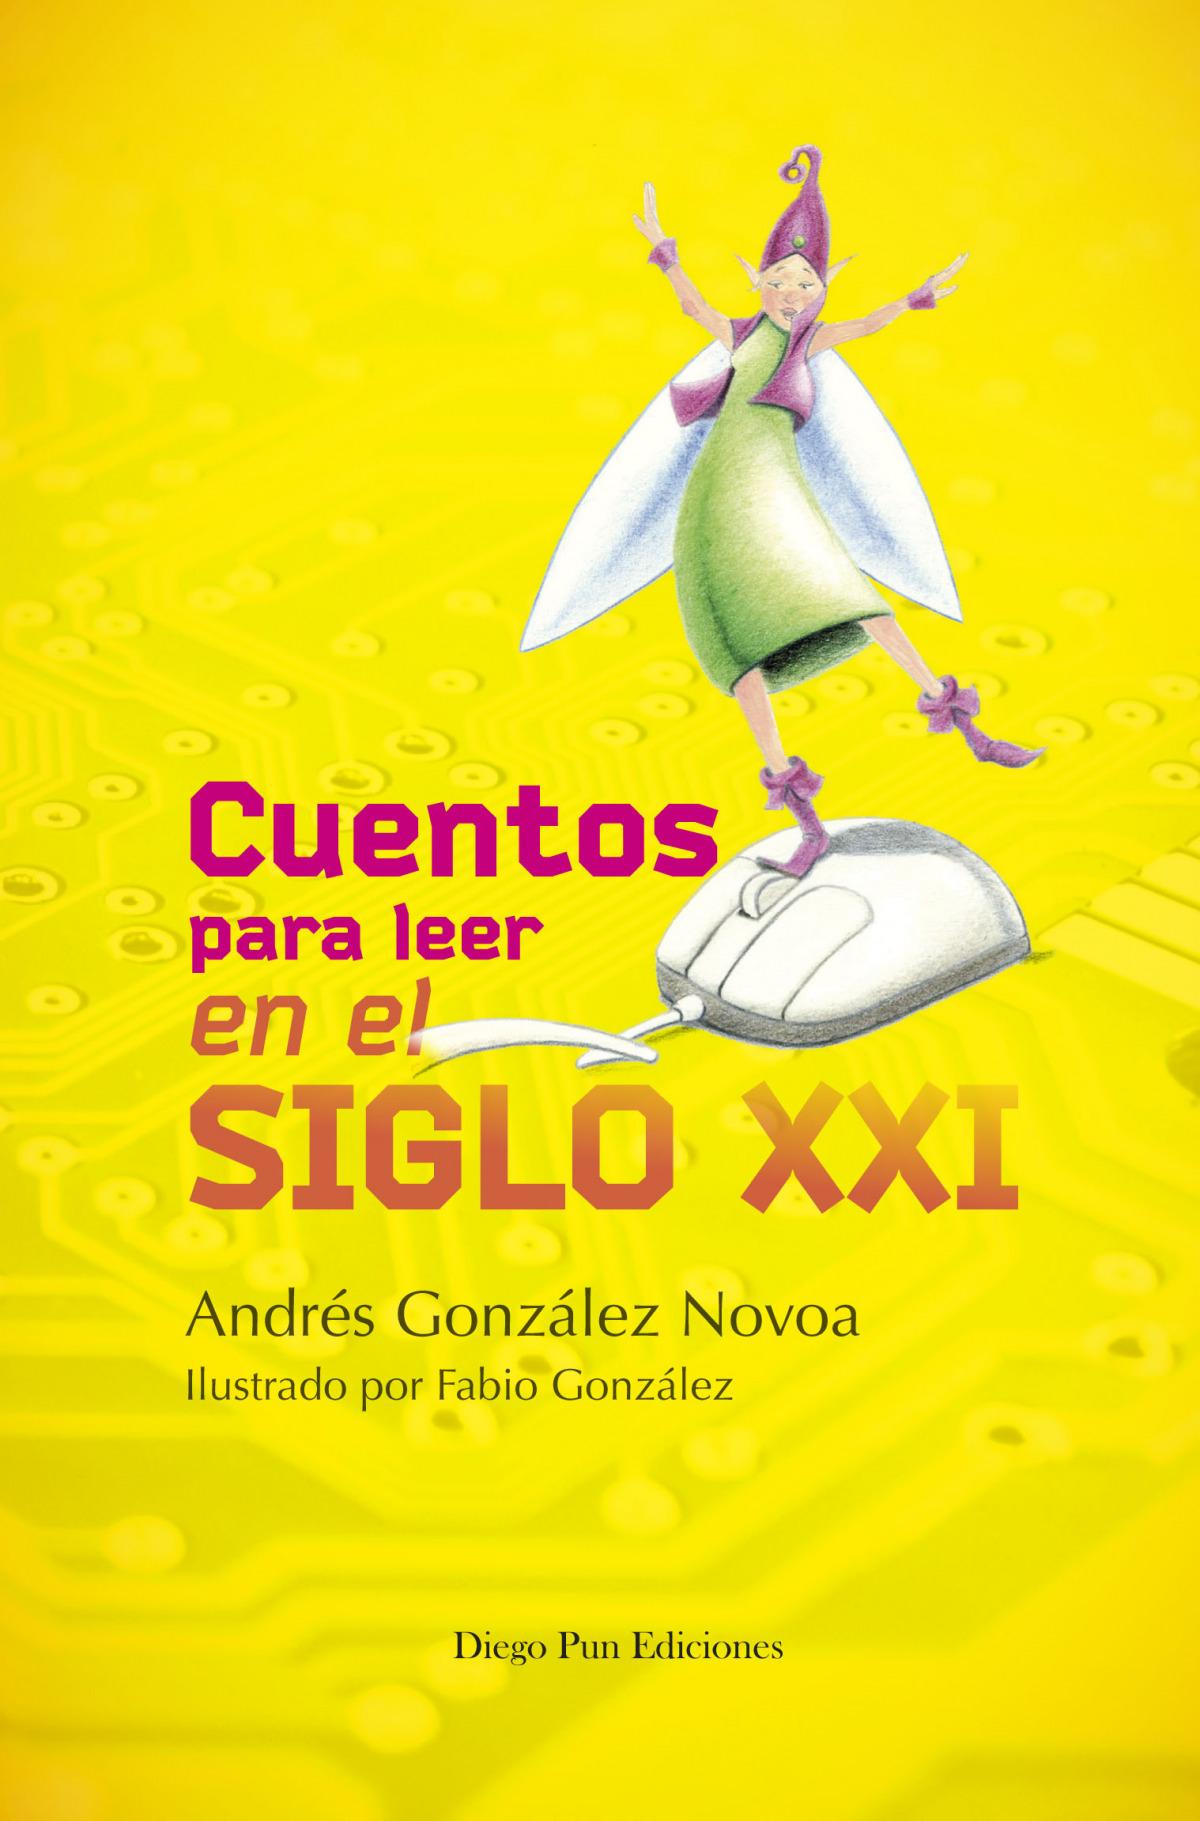 CUENTOS PARA LEER EN EL SIGLO XXI 9788494265976